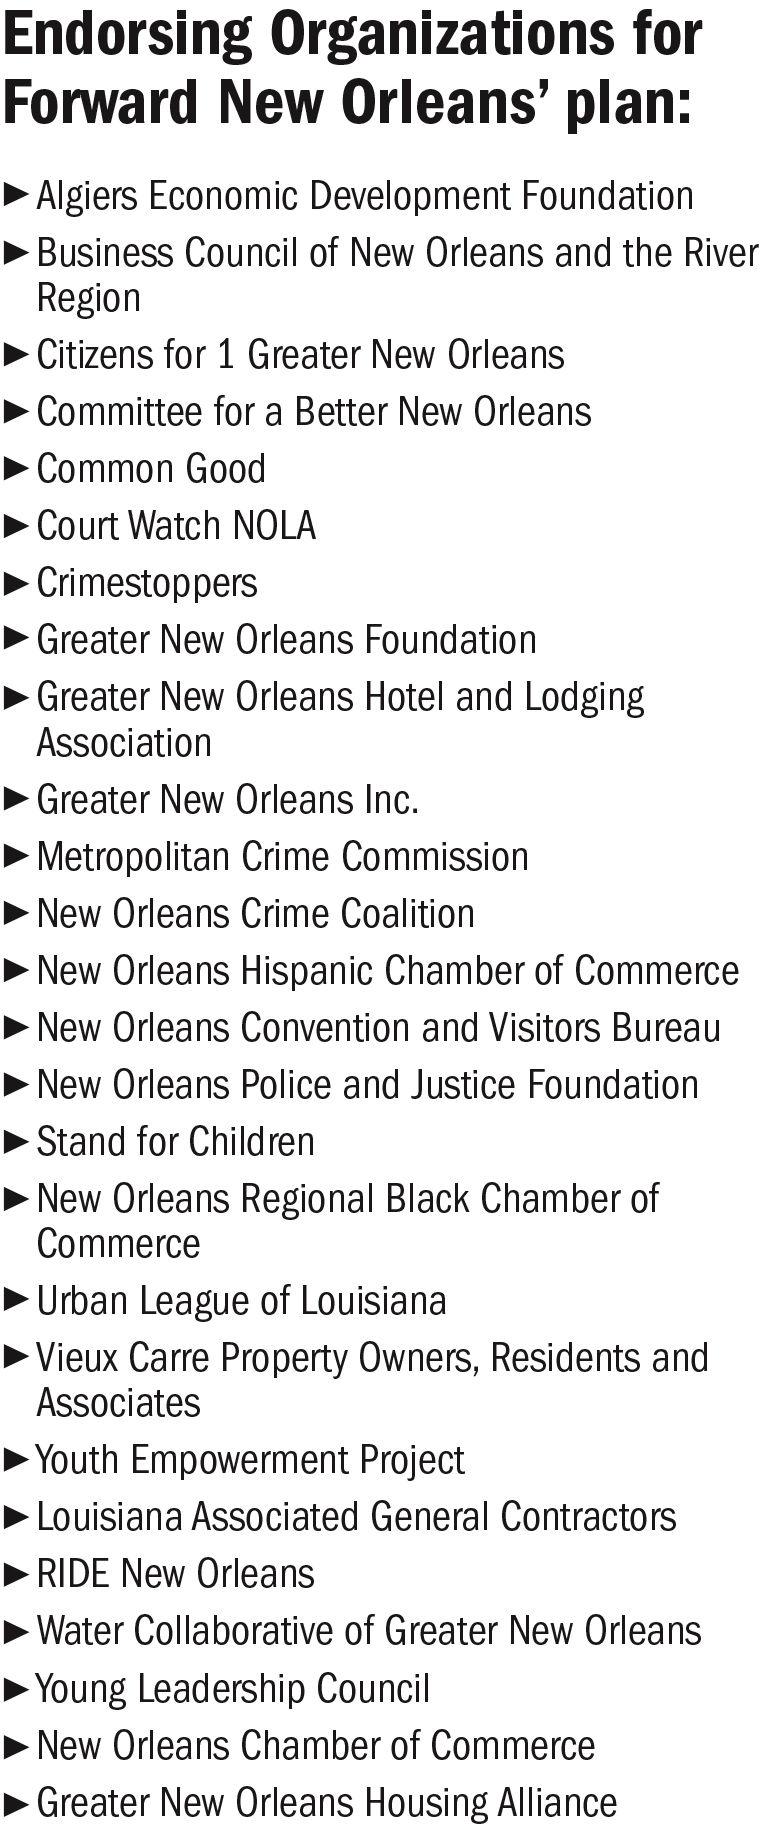 071617 Forward New Orleans endorsings.jpg